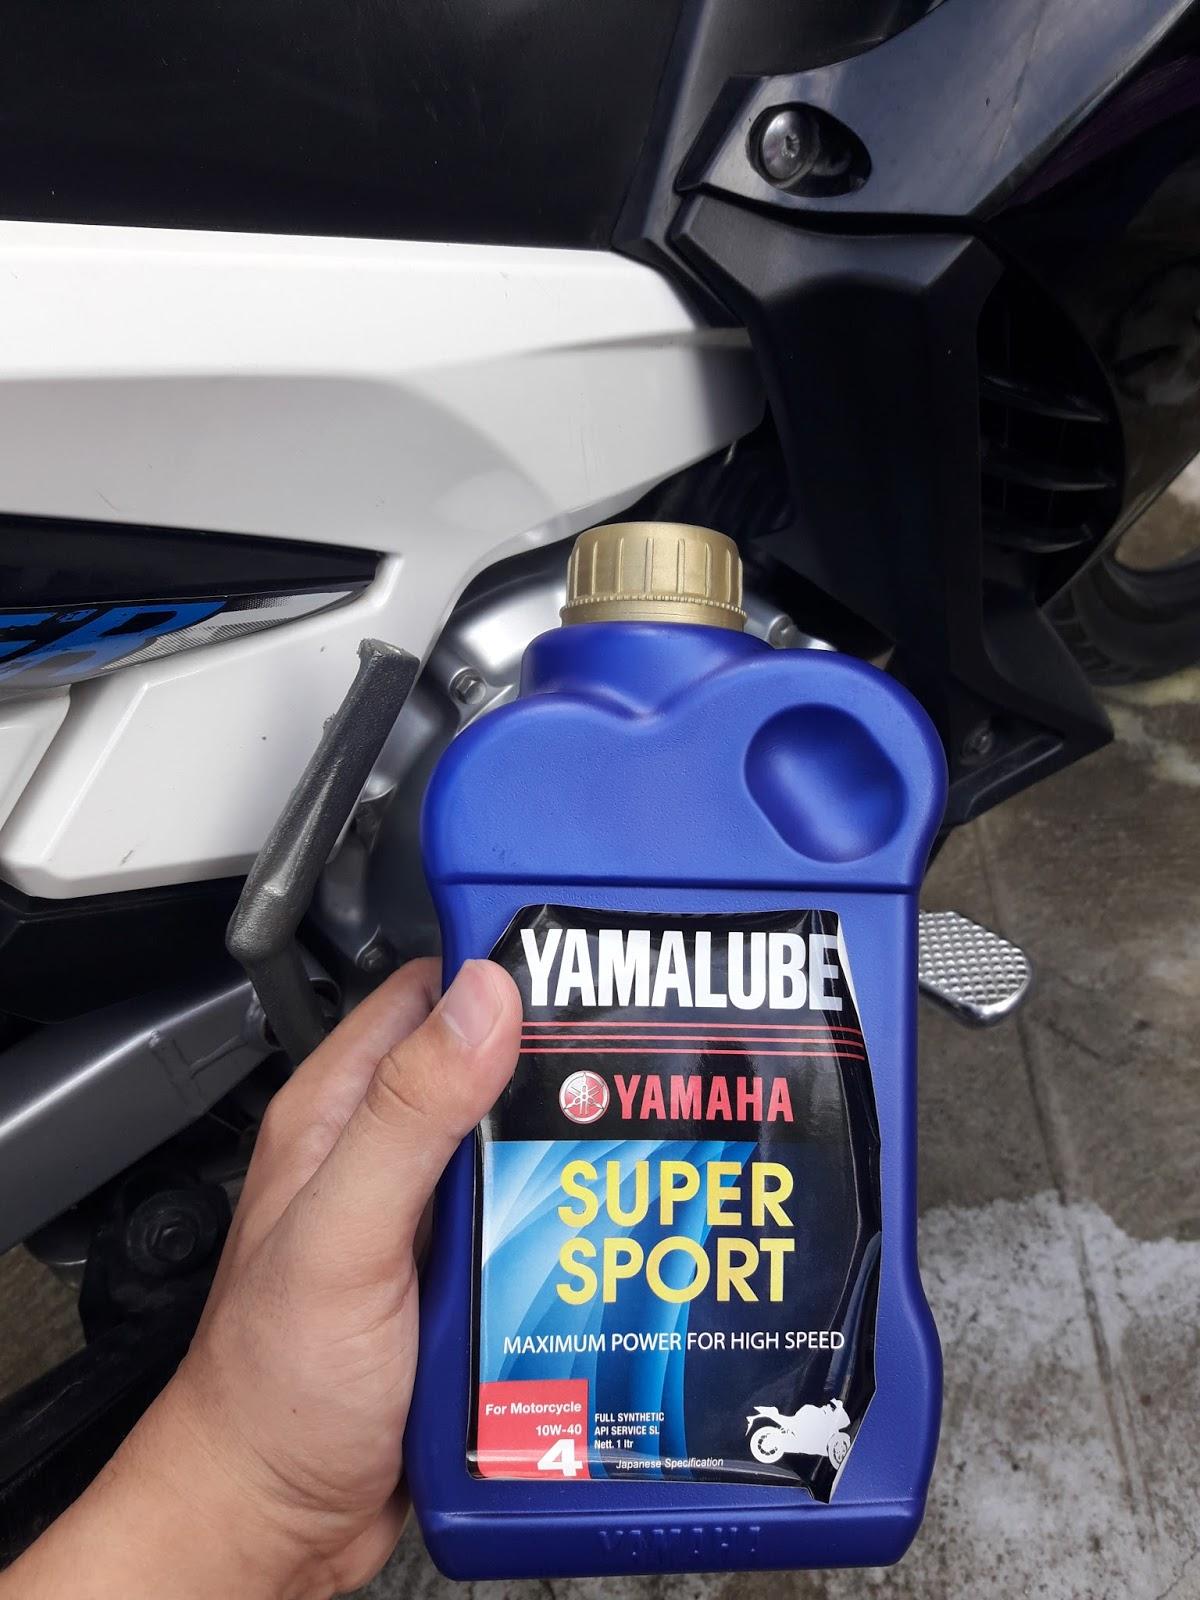 Review Oli Yamalube Super Sport Di New Jupiter Mx 2013 Memuat Motor Oil Awalnya Saya Juga Sudah Mulai Memerhatikan Performa Yang Begitu Saja Dan Ingin Tingkatkan Agar Lebih Sangar Lagi